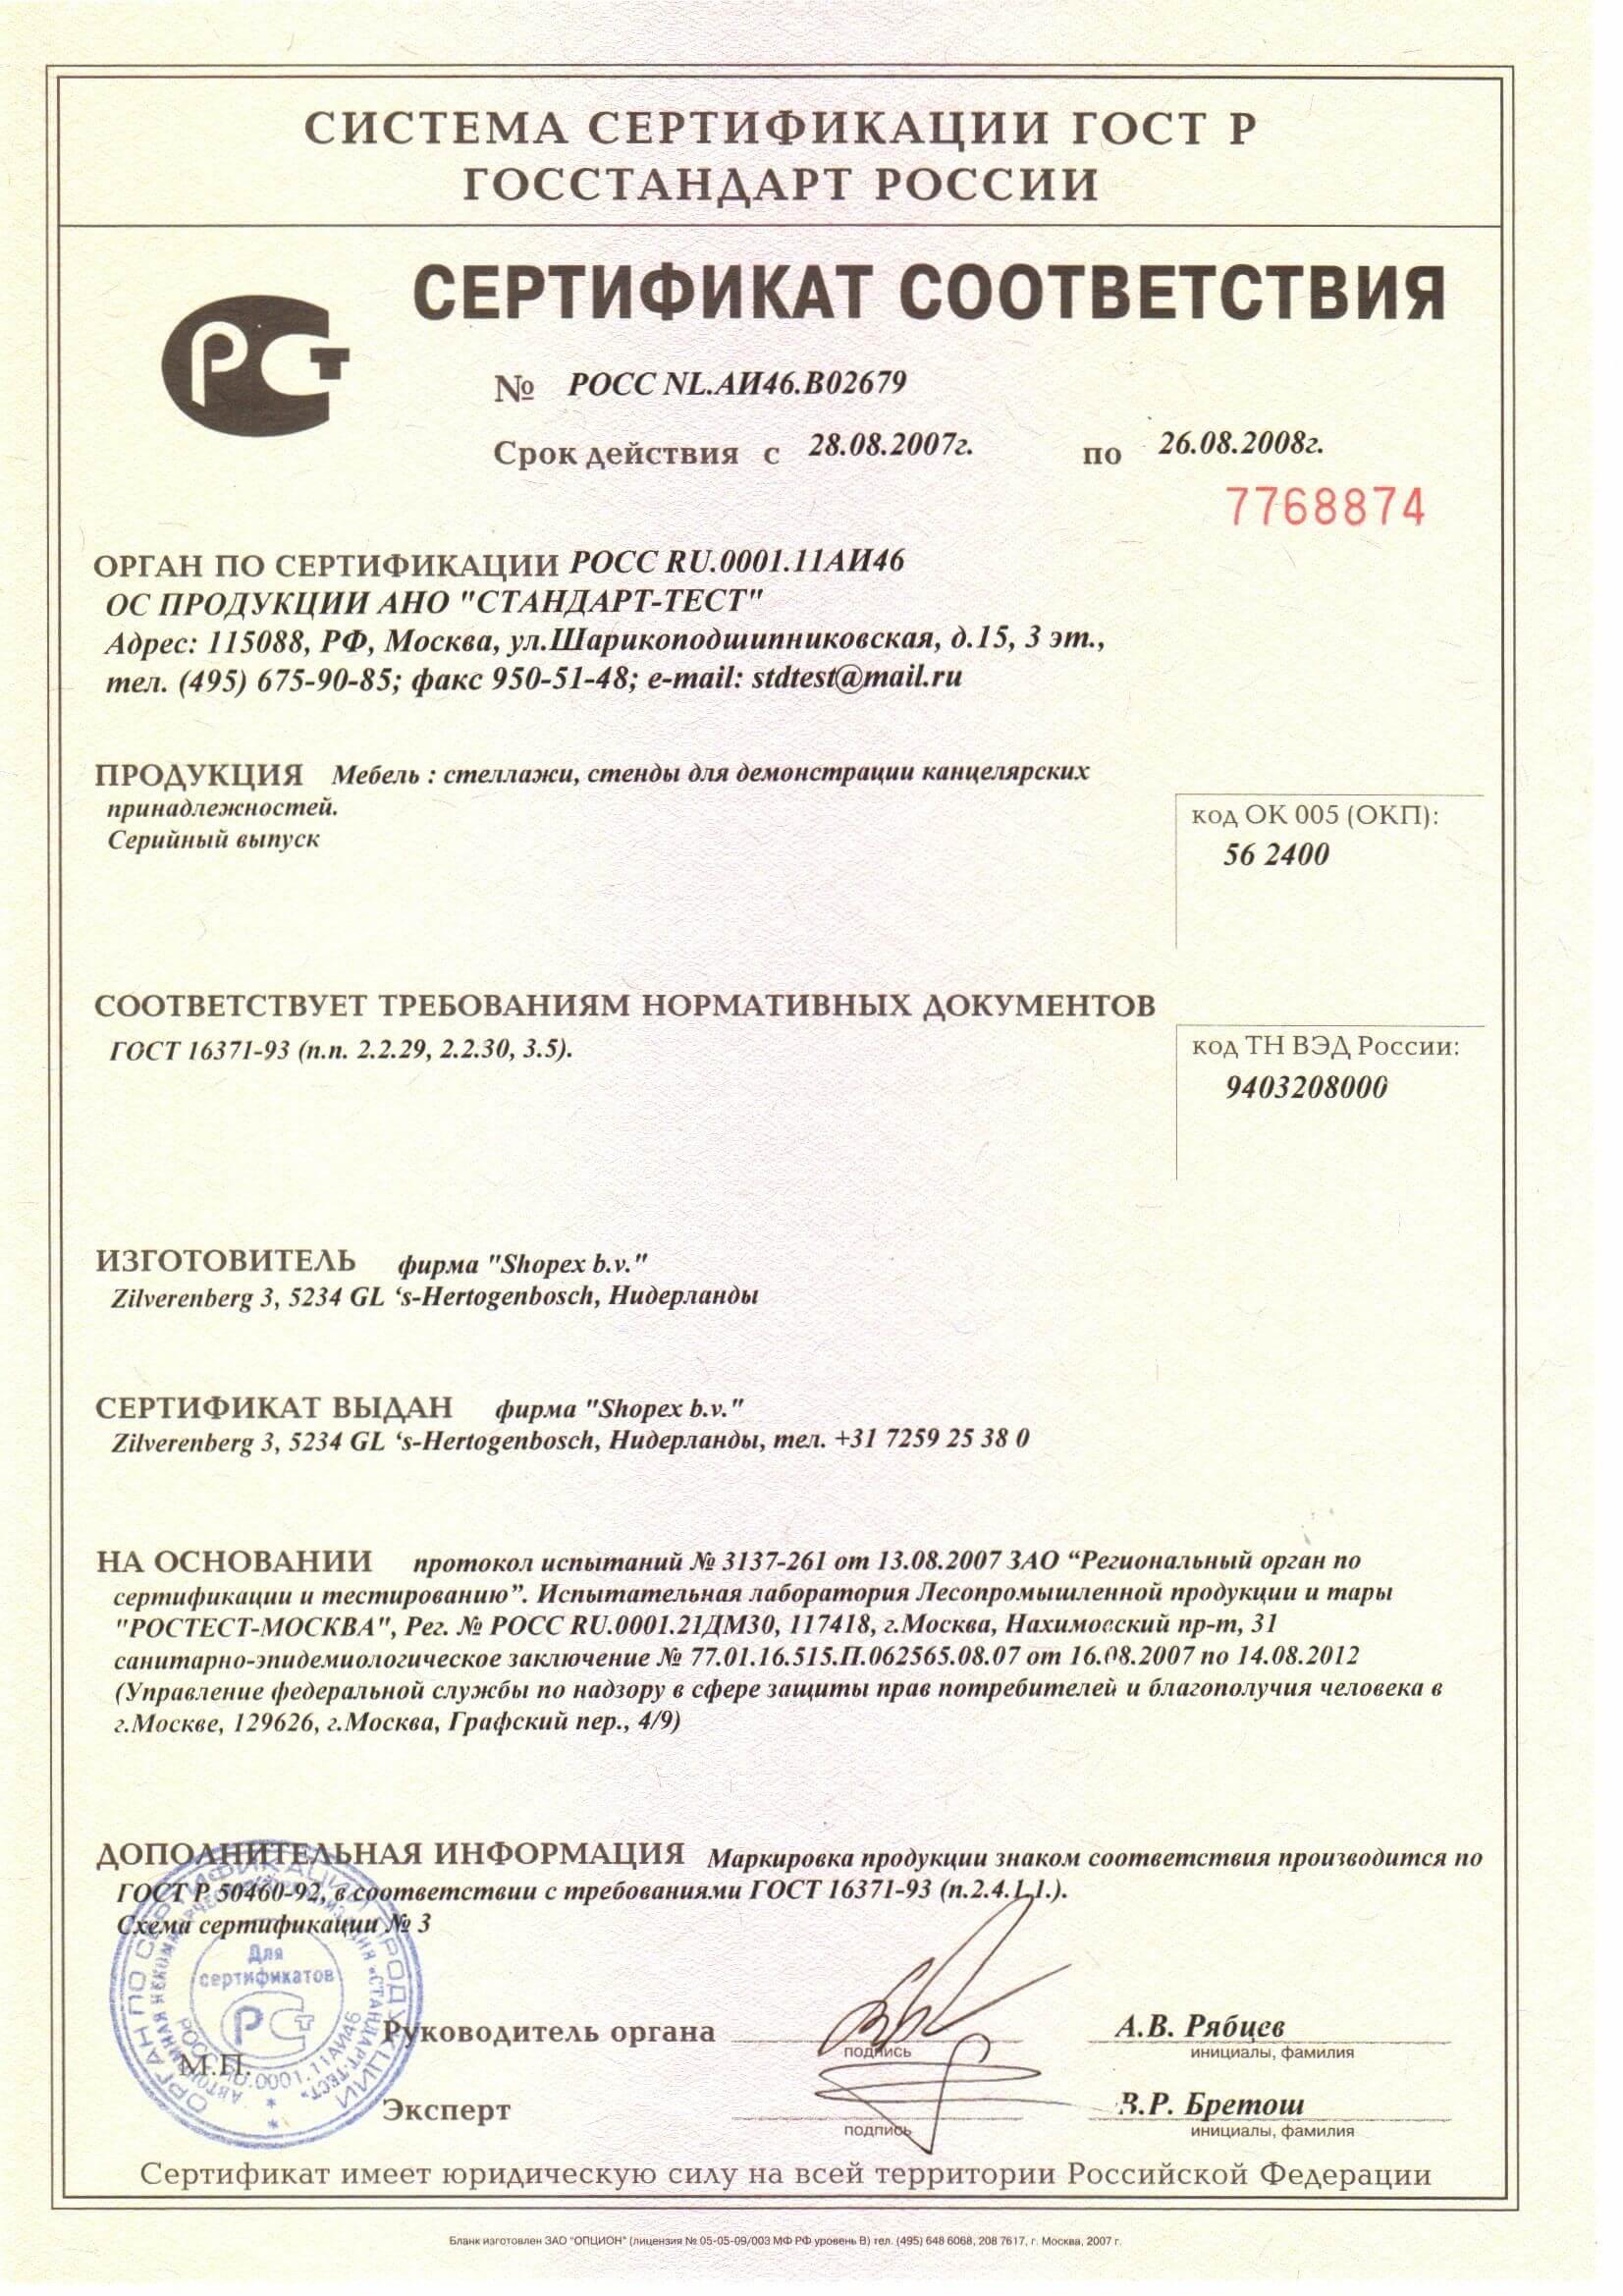 Что такое сертификат соответствия  гост р и как его быстро получить?